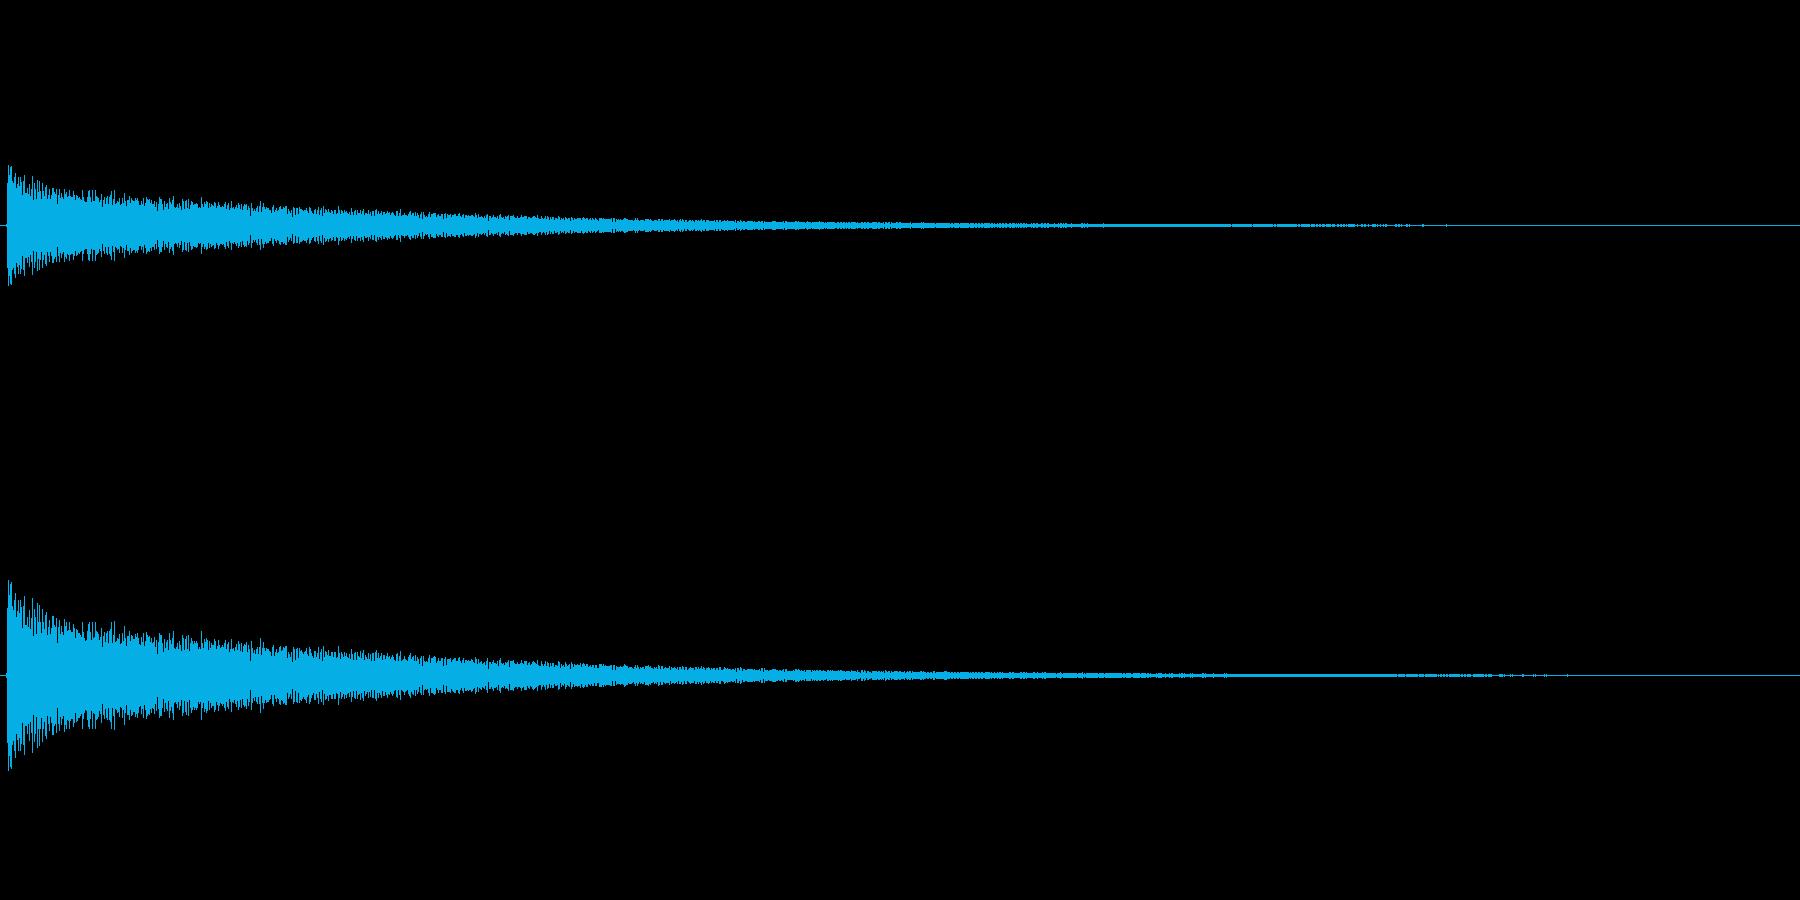 カーン(チーン)/チューブラベルの残念音の再生済みの波形